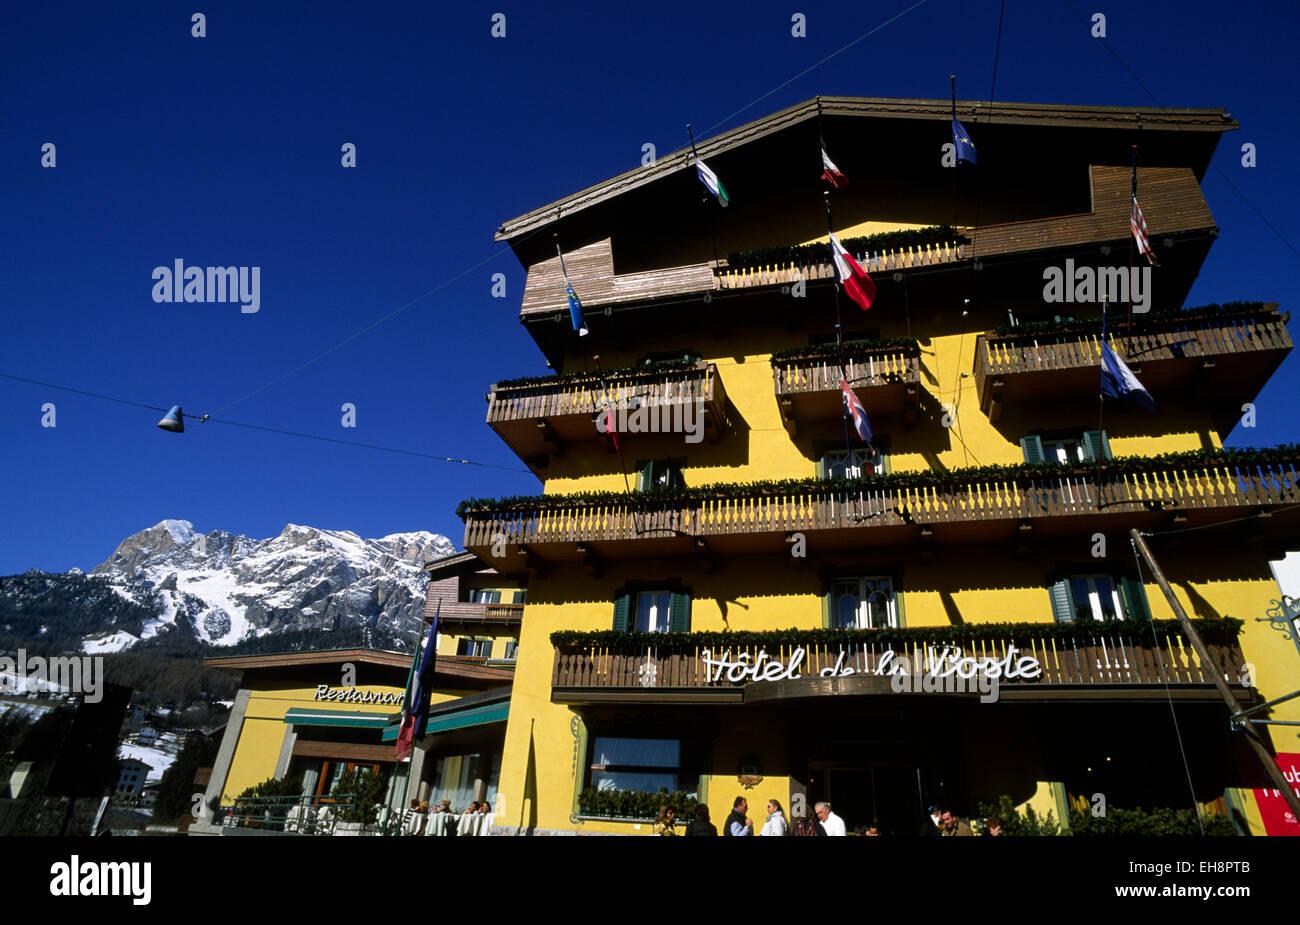 Titta igenom vårt fotobibliotek, läs recensioner från verifierade gäster och boka nu med vår prisgaranti. Italy Veneto Dolomites Cortina D Ampezzo Hotel De La Poste Stock Photo Alamy